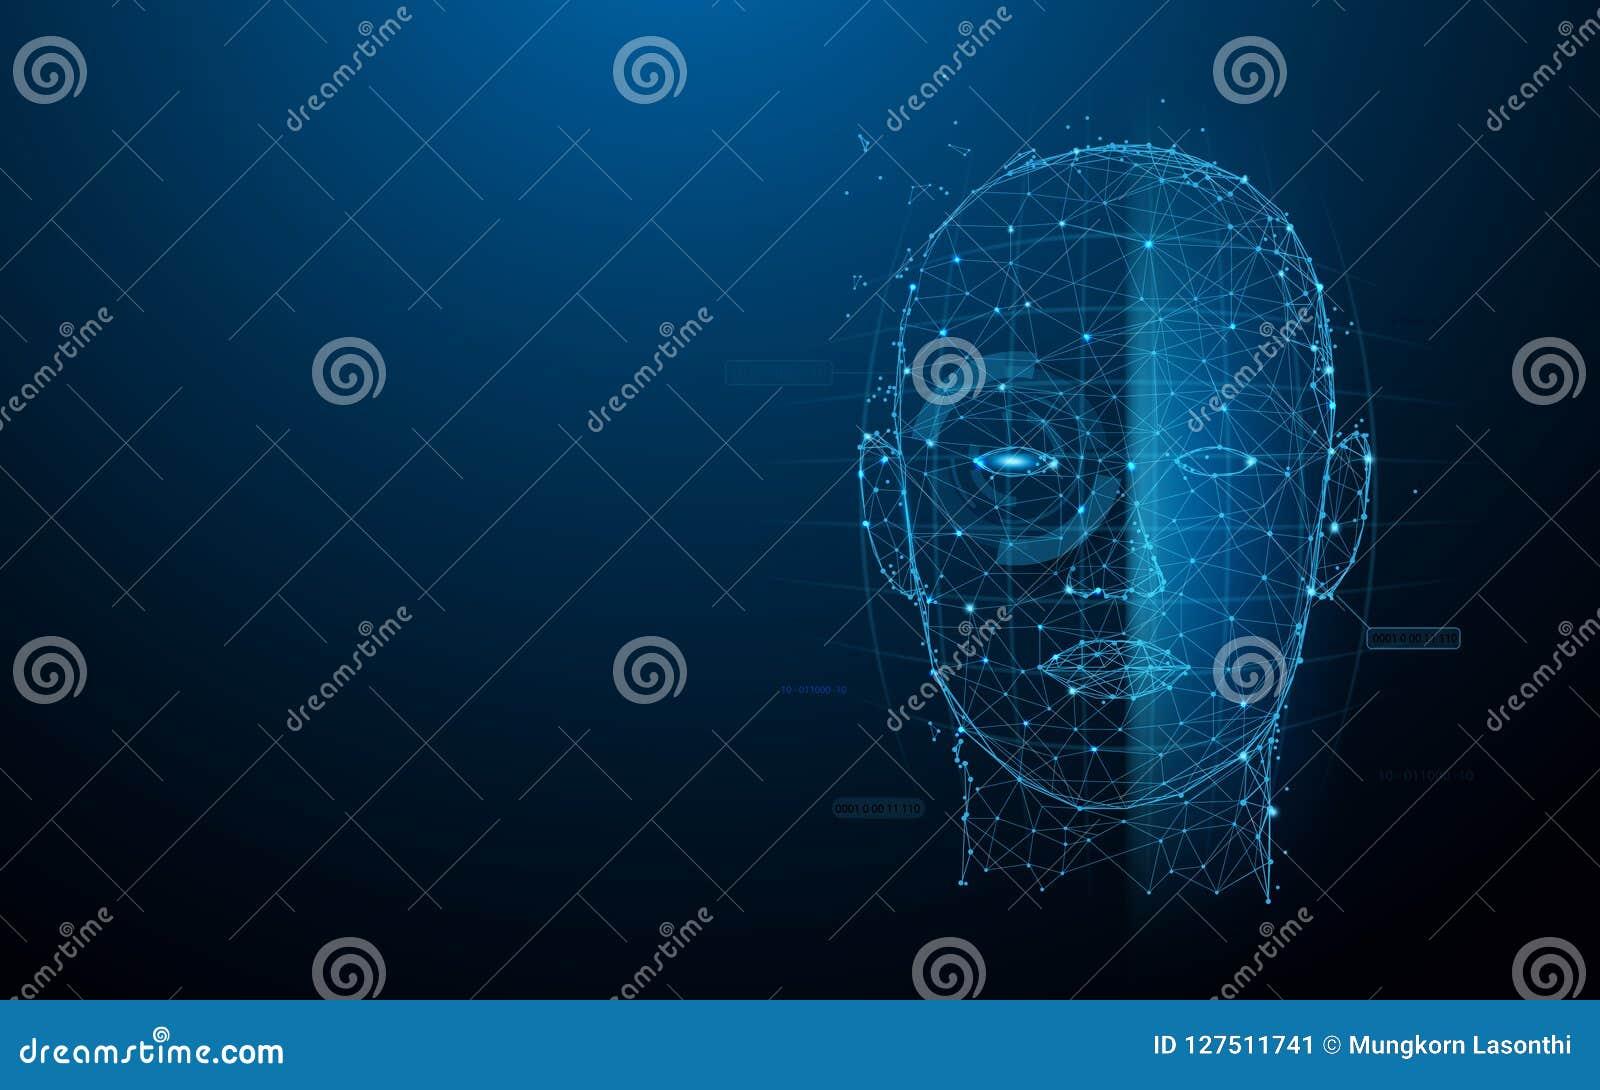 As linhas do formulário da exploração da cara da tecnologia biométrica, os triângulos e o estilo digitais da partícula projetam